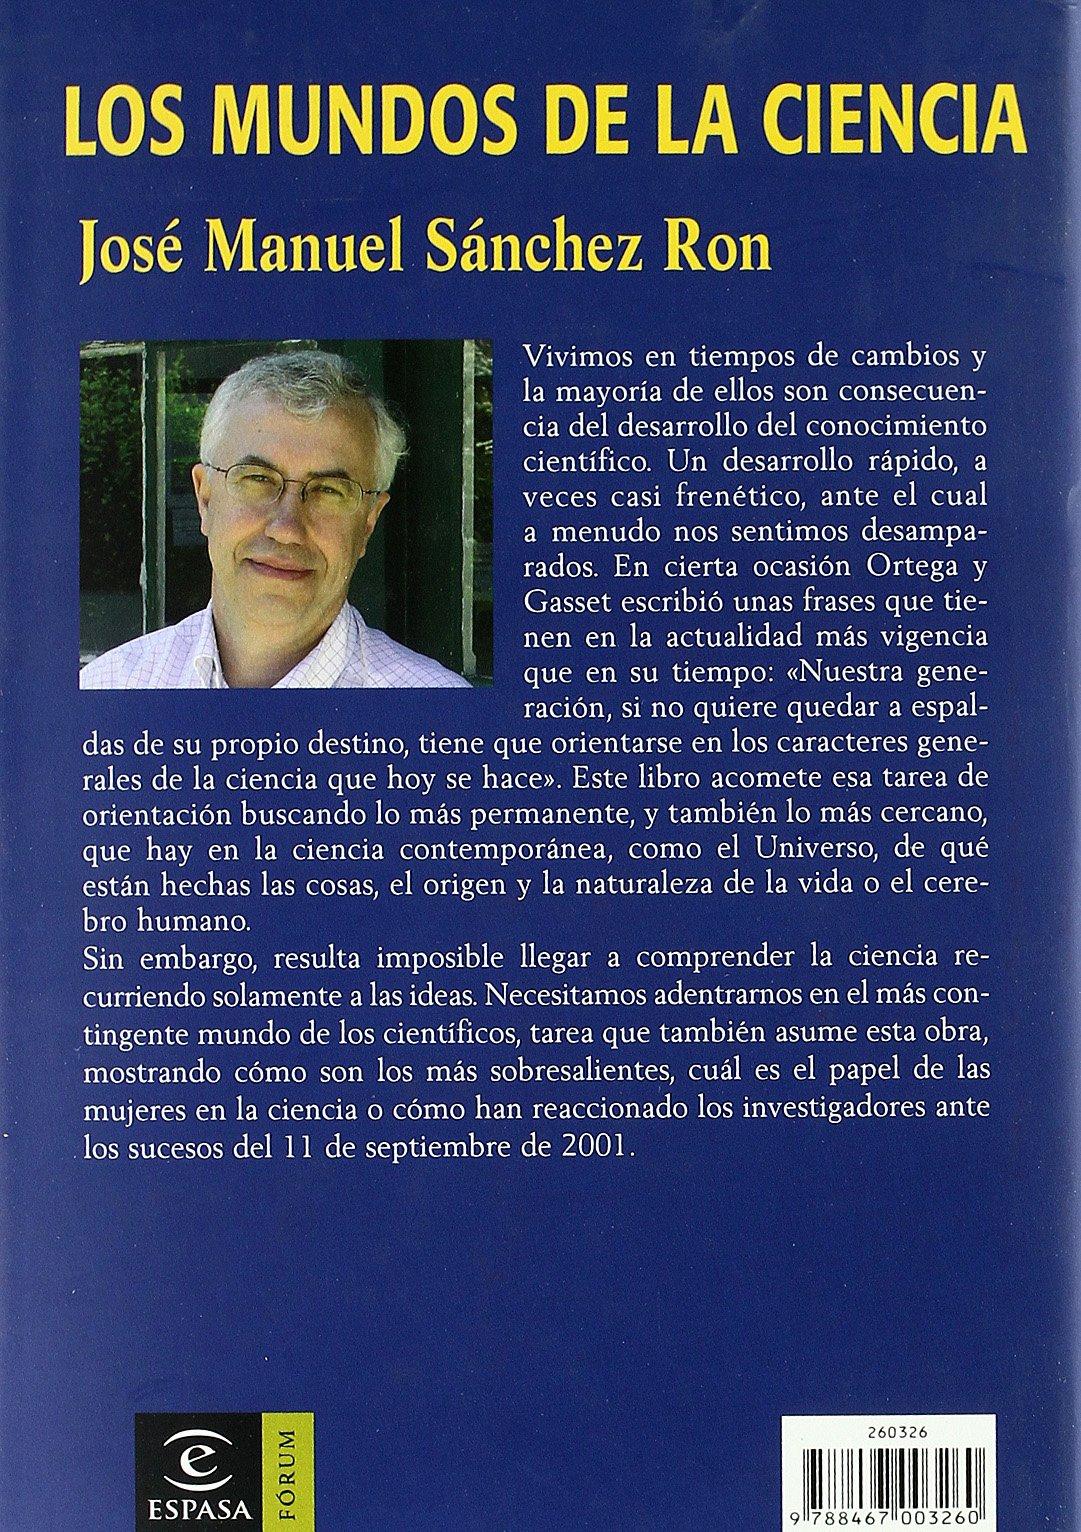 Los mundos de la ciencia (ESPASA FORUM): Amazon.es: Sánchez ...